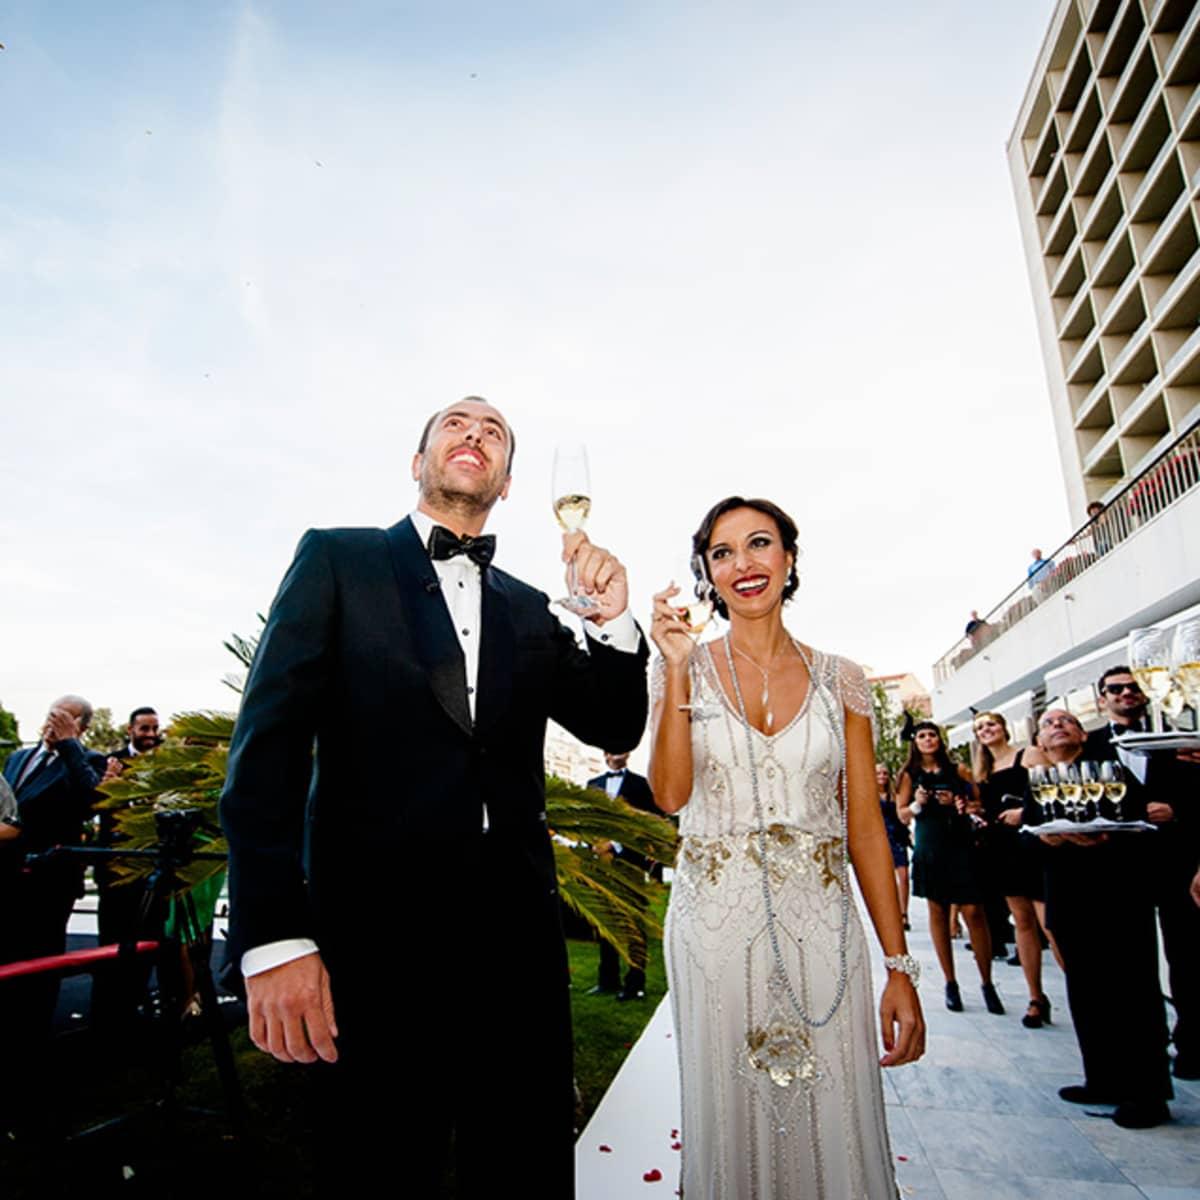 Great Gatsby Wedding in Lisbon | Four Seasons Hotel Lisbon